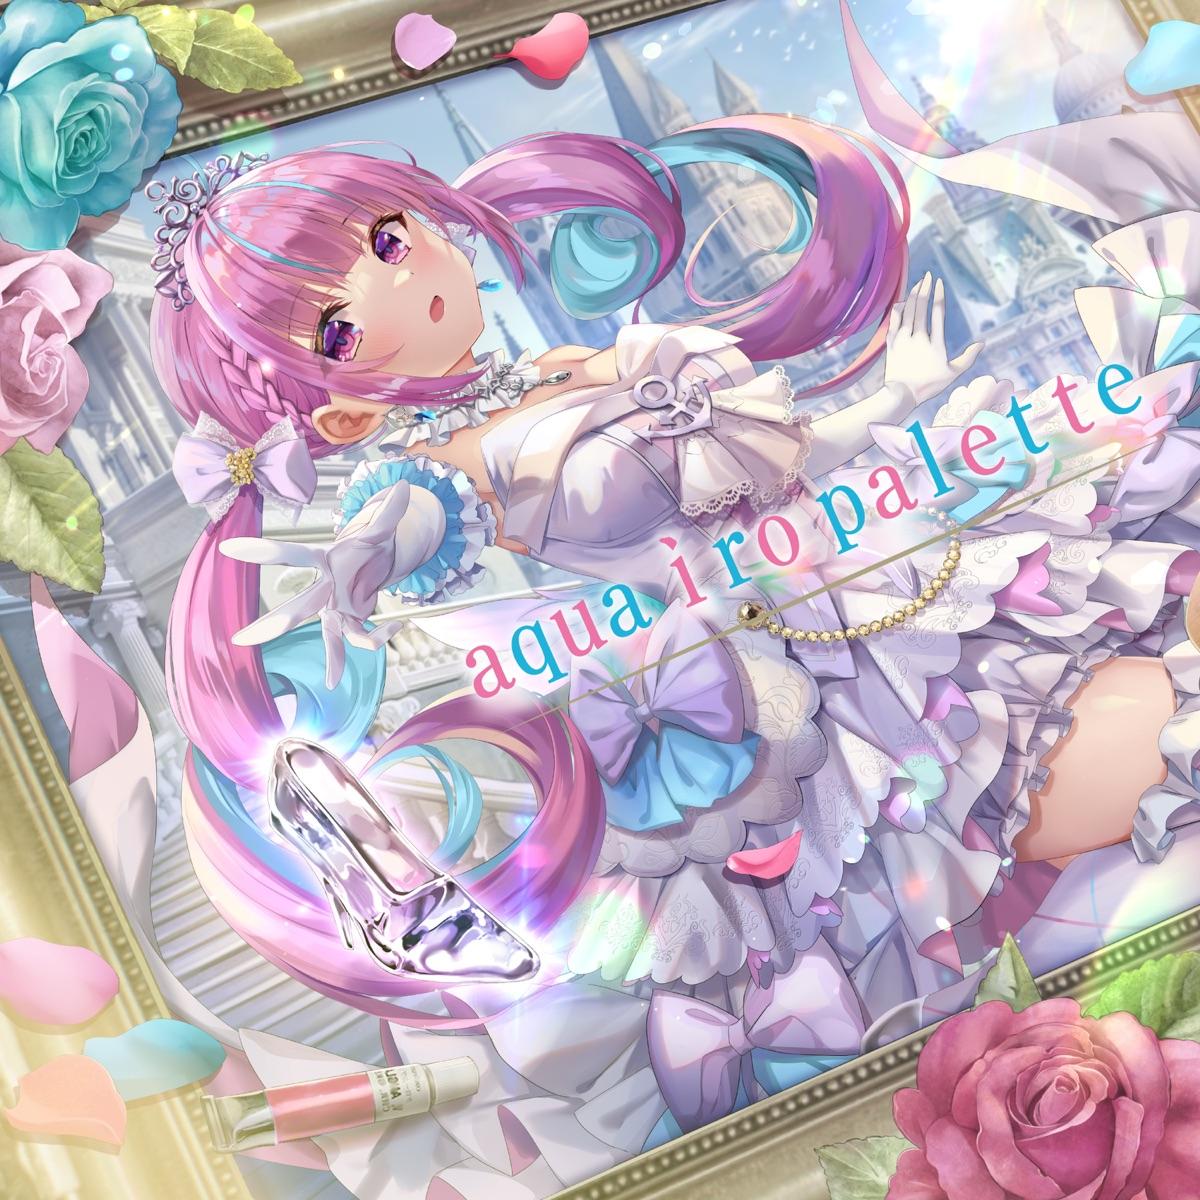 Cover image of『Minato Aquaaqua iro palette』from the Album『』